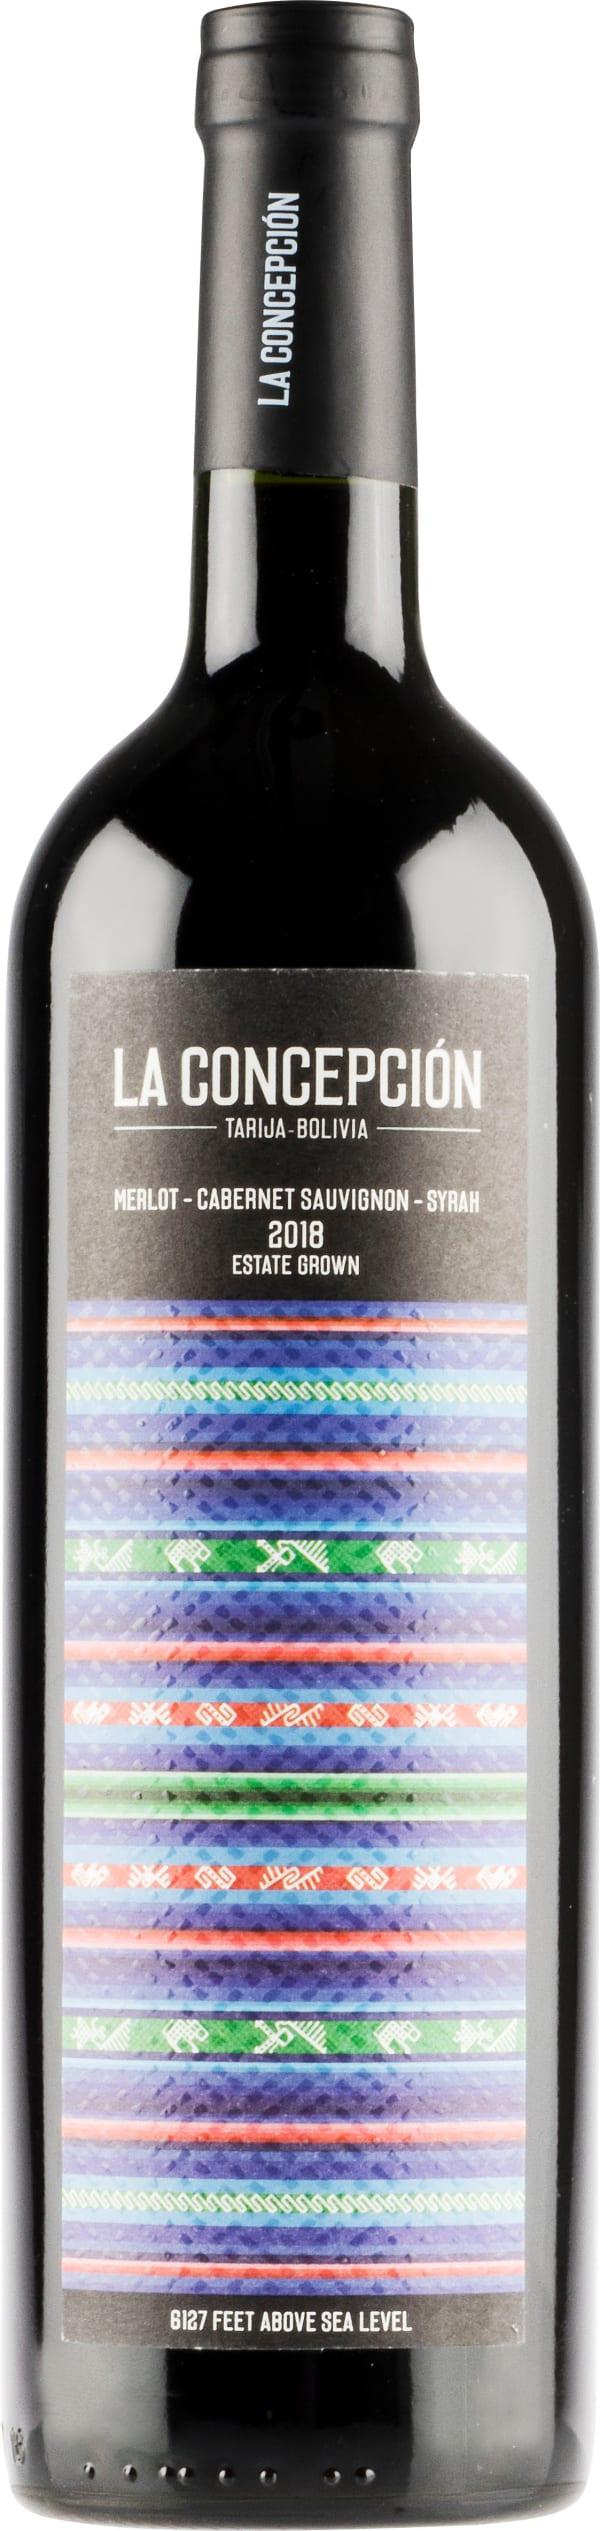 La Concepción Merlot Cabernet Sauvignon Syrah 2018